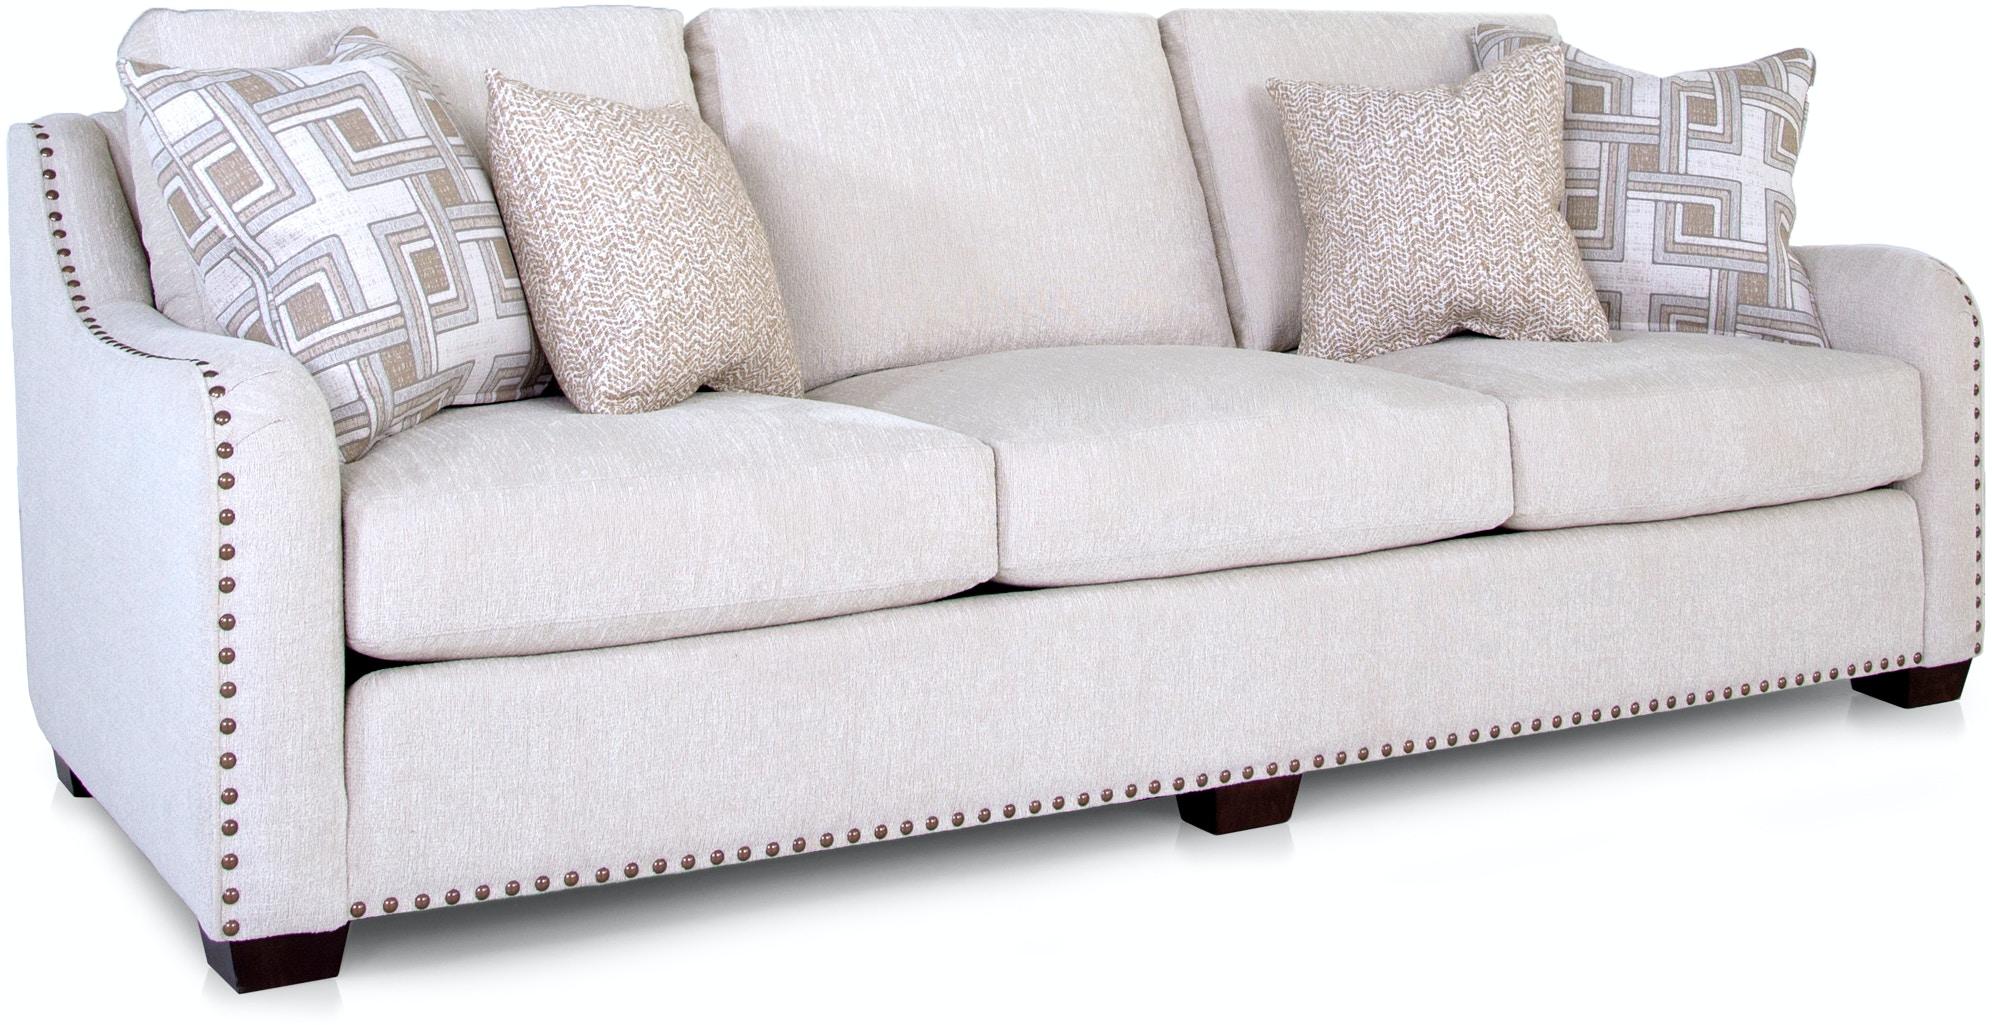 Sofa Nailhead Trim Dixie Dual Reclining Sofa With Nail